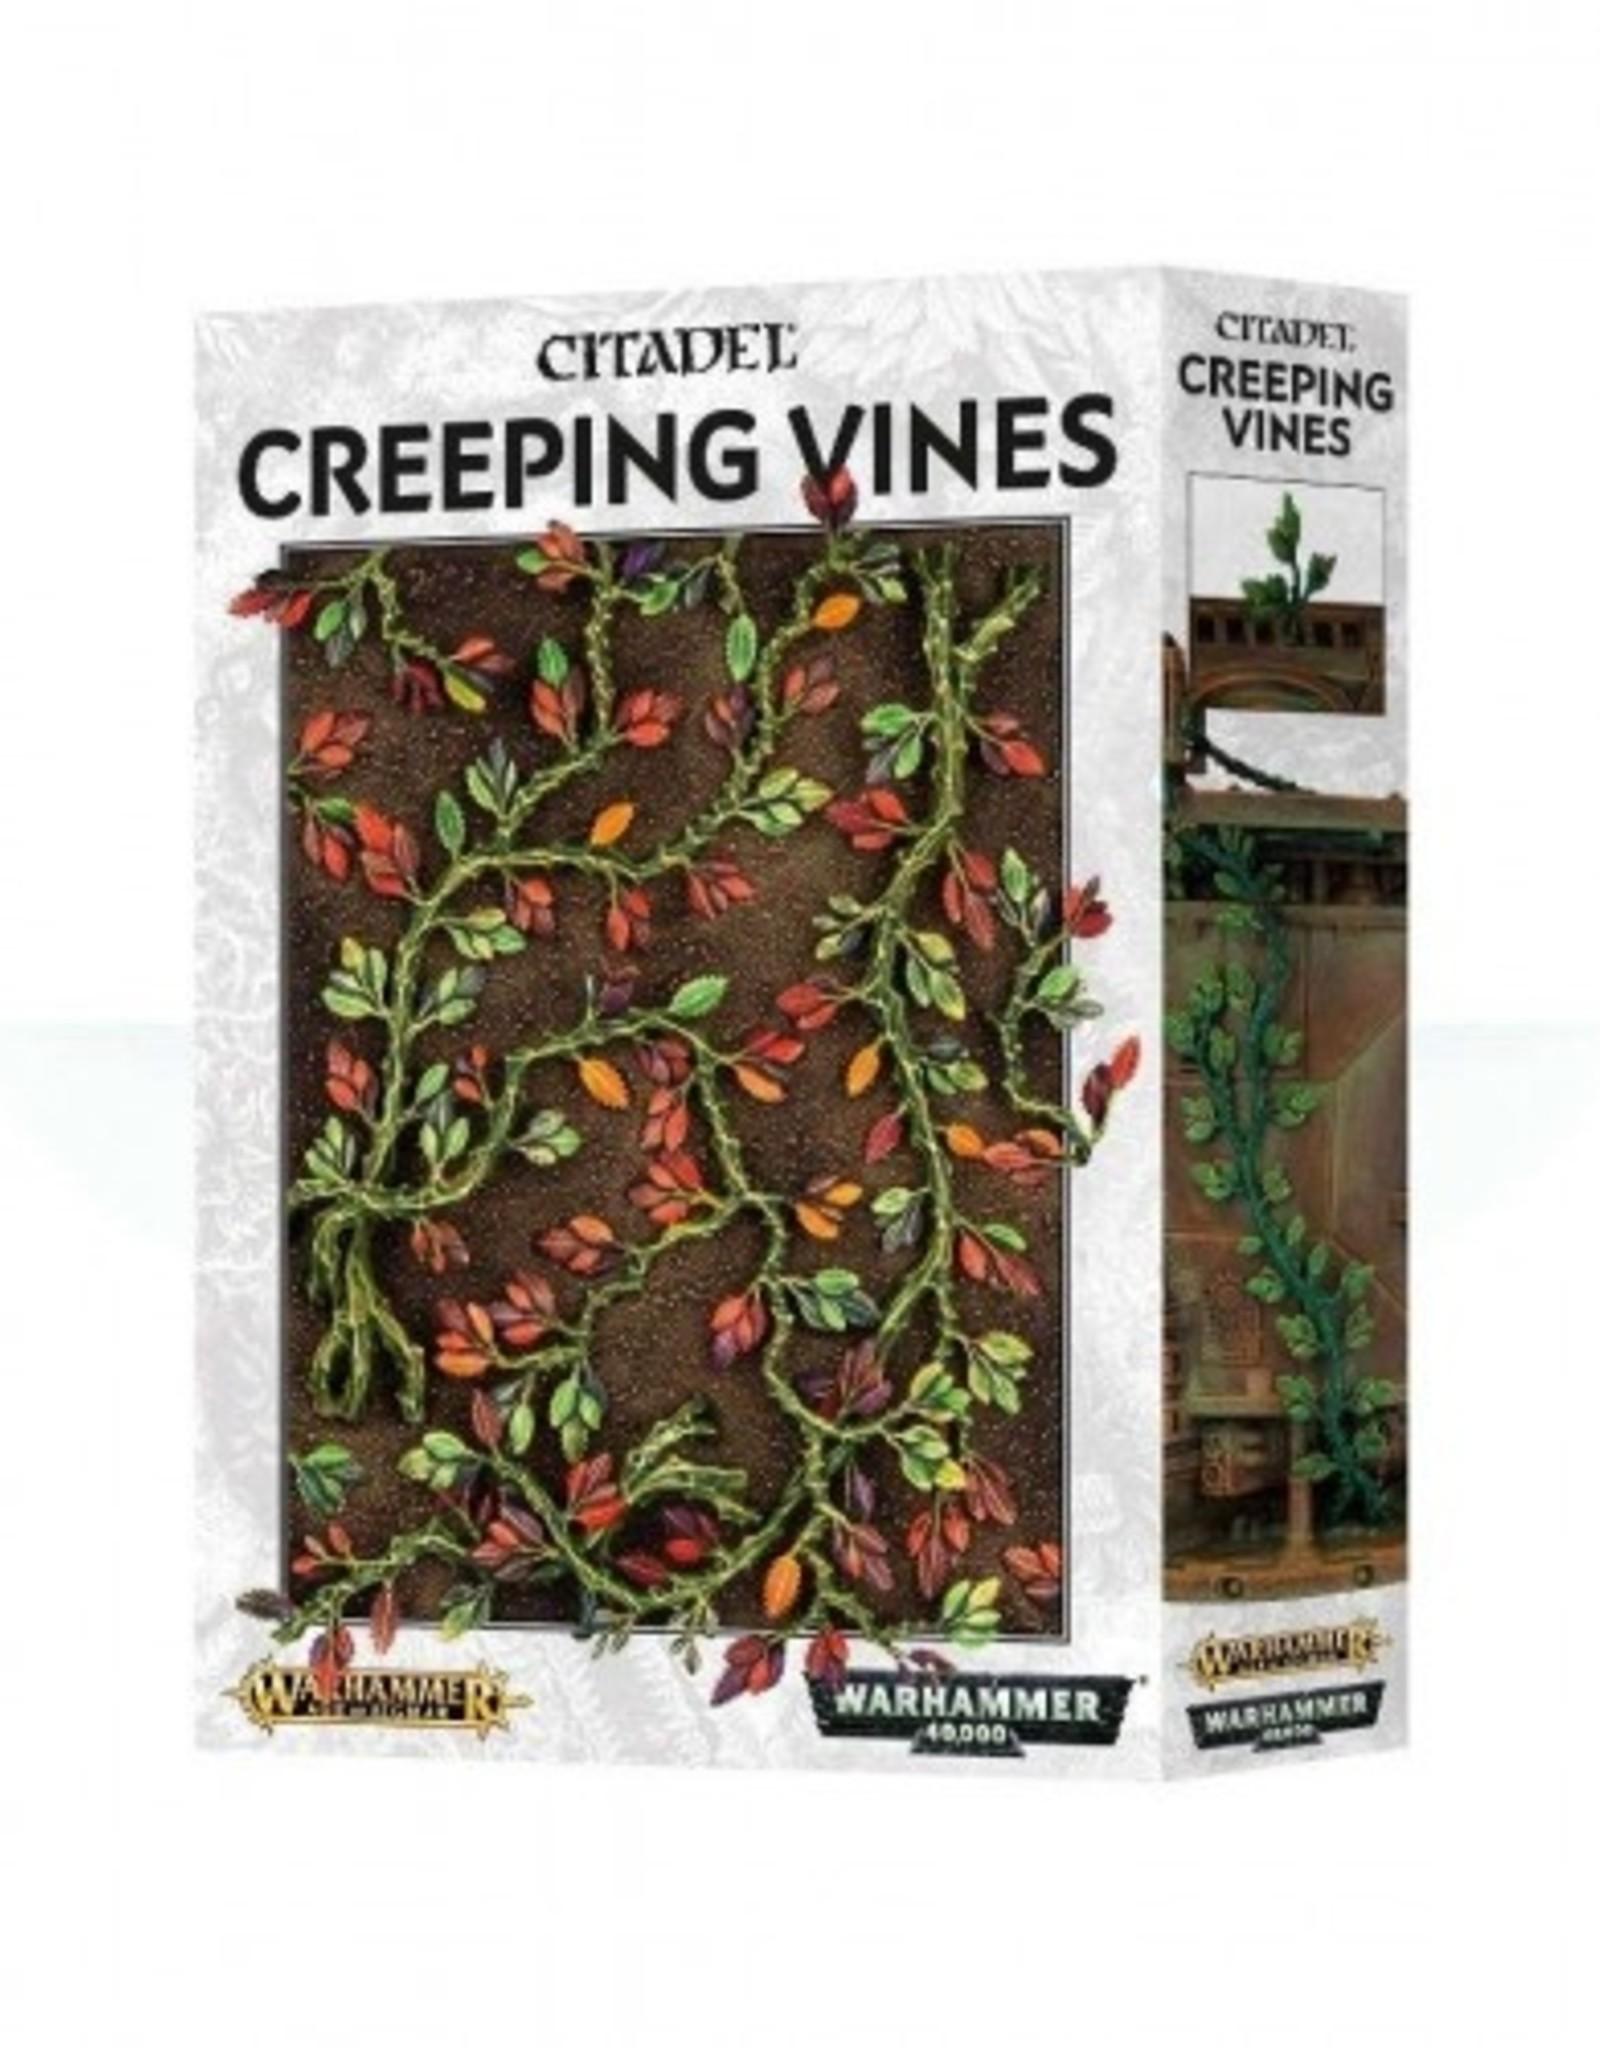 Games Workshop Citadel Creeping Vines